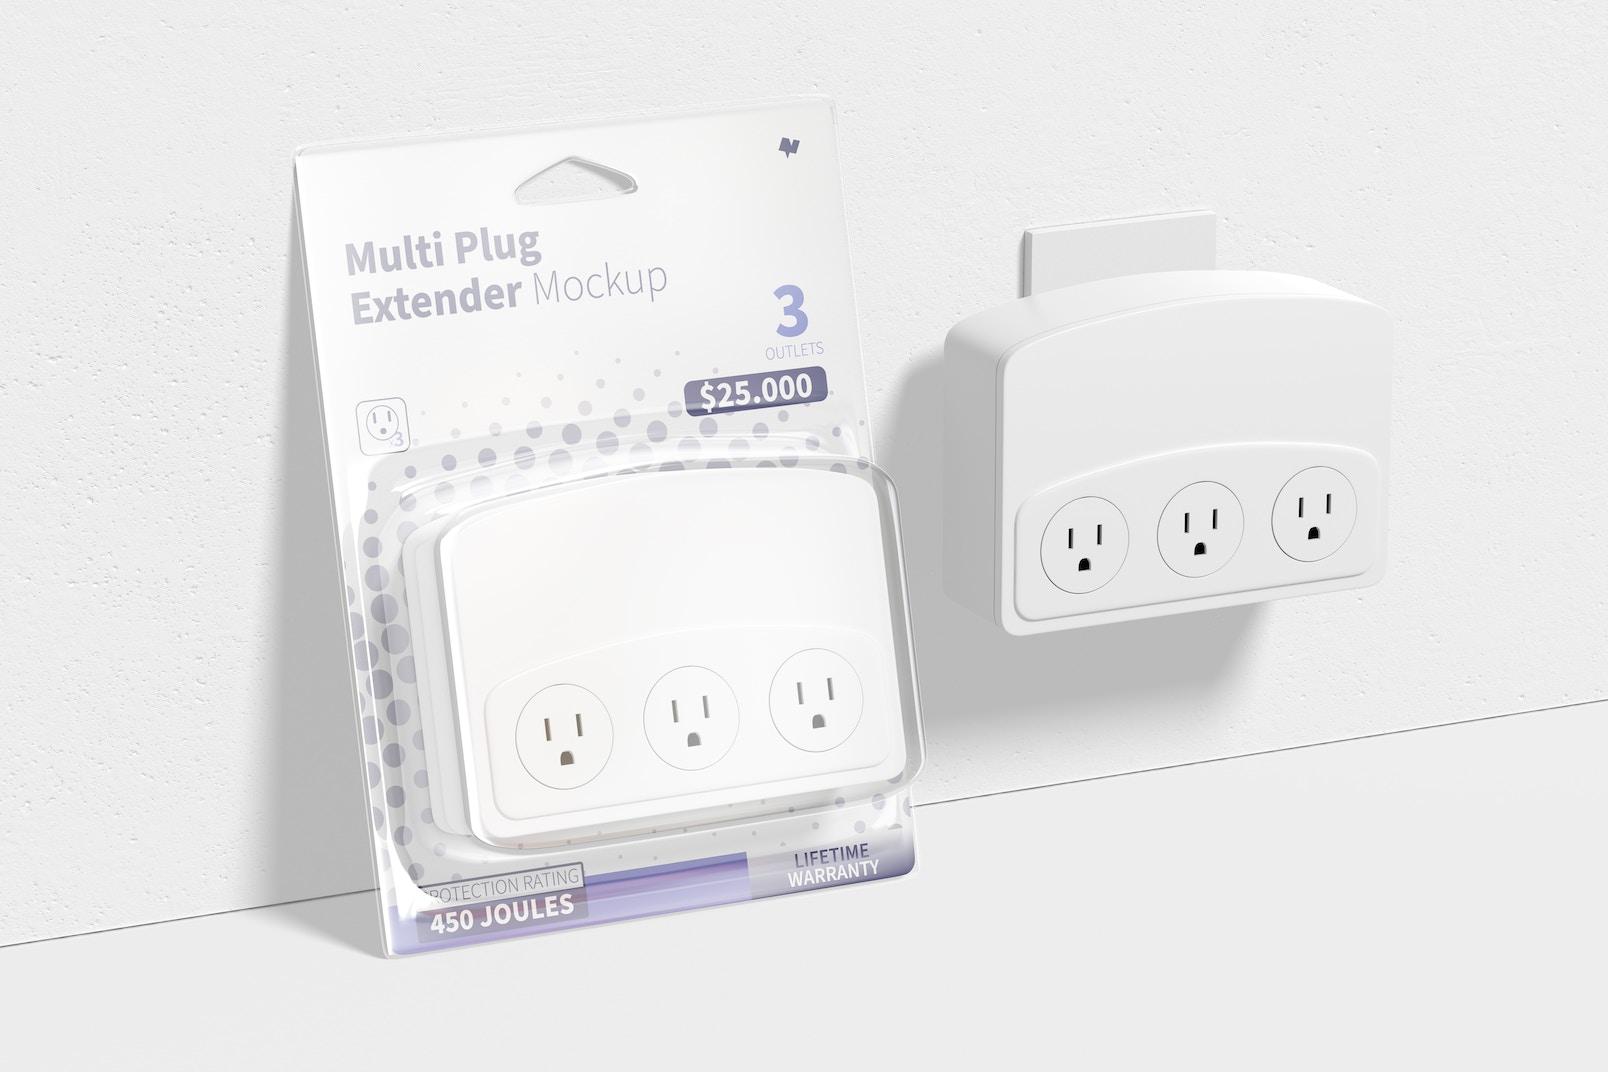 Multi Plug Extender Mockup, Leaned